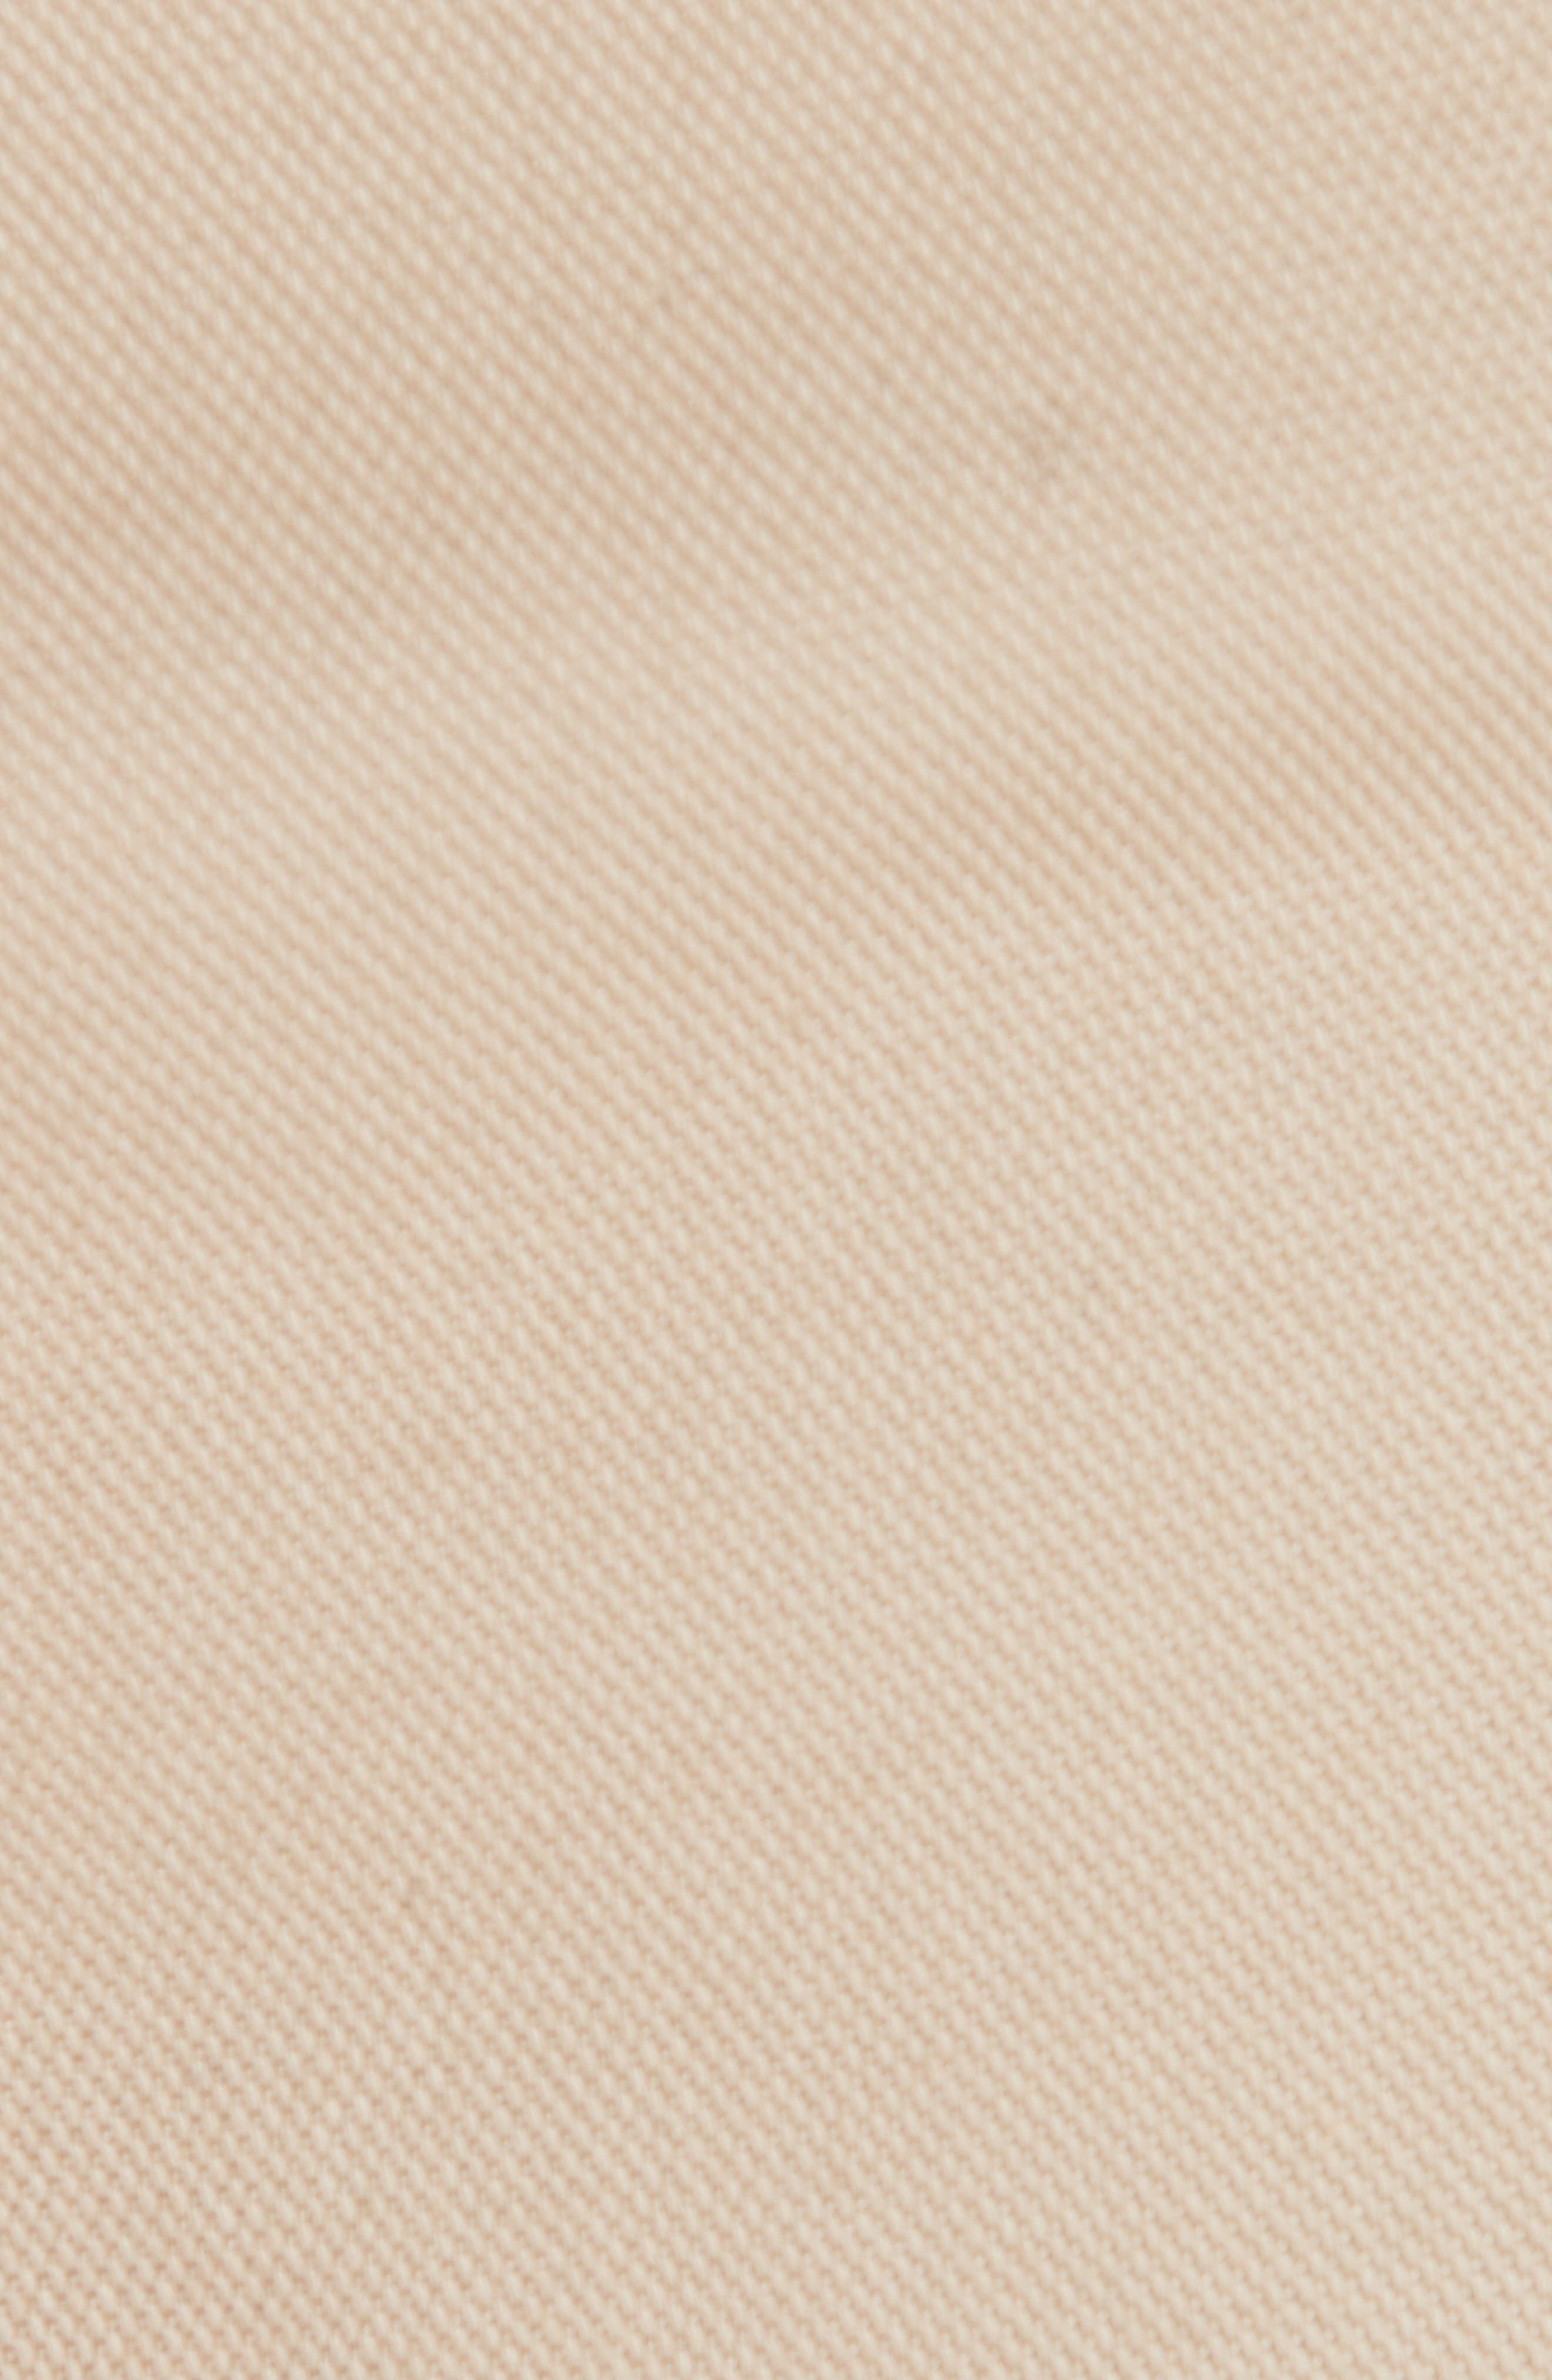 Stretch Cotton Five Pocket Pants,                             Alternate thumbnail 5, color,                             LIGHT BEIGE